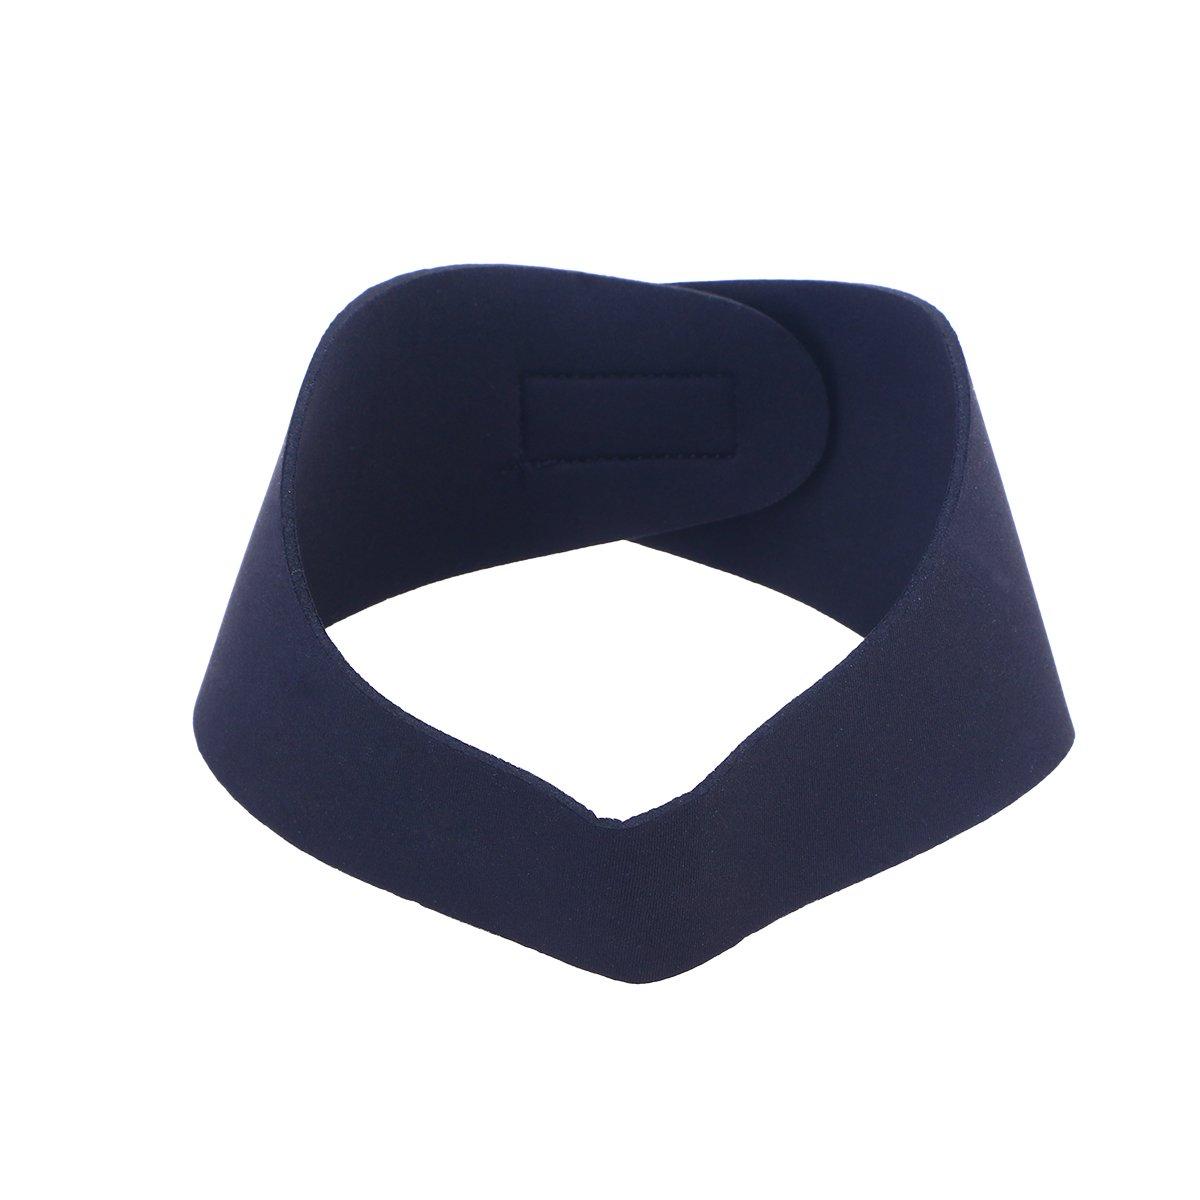 VORCOOL Schwimmen Stirnband Neopren Einstellbare Yoga Tauchen Ohren Schutz Haarband für Kinder Erwachsene (Schwarz M)